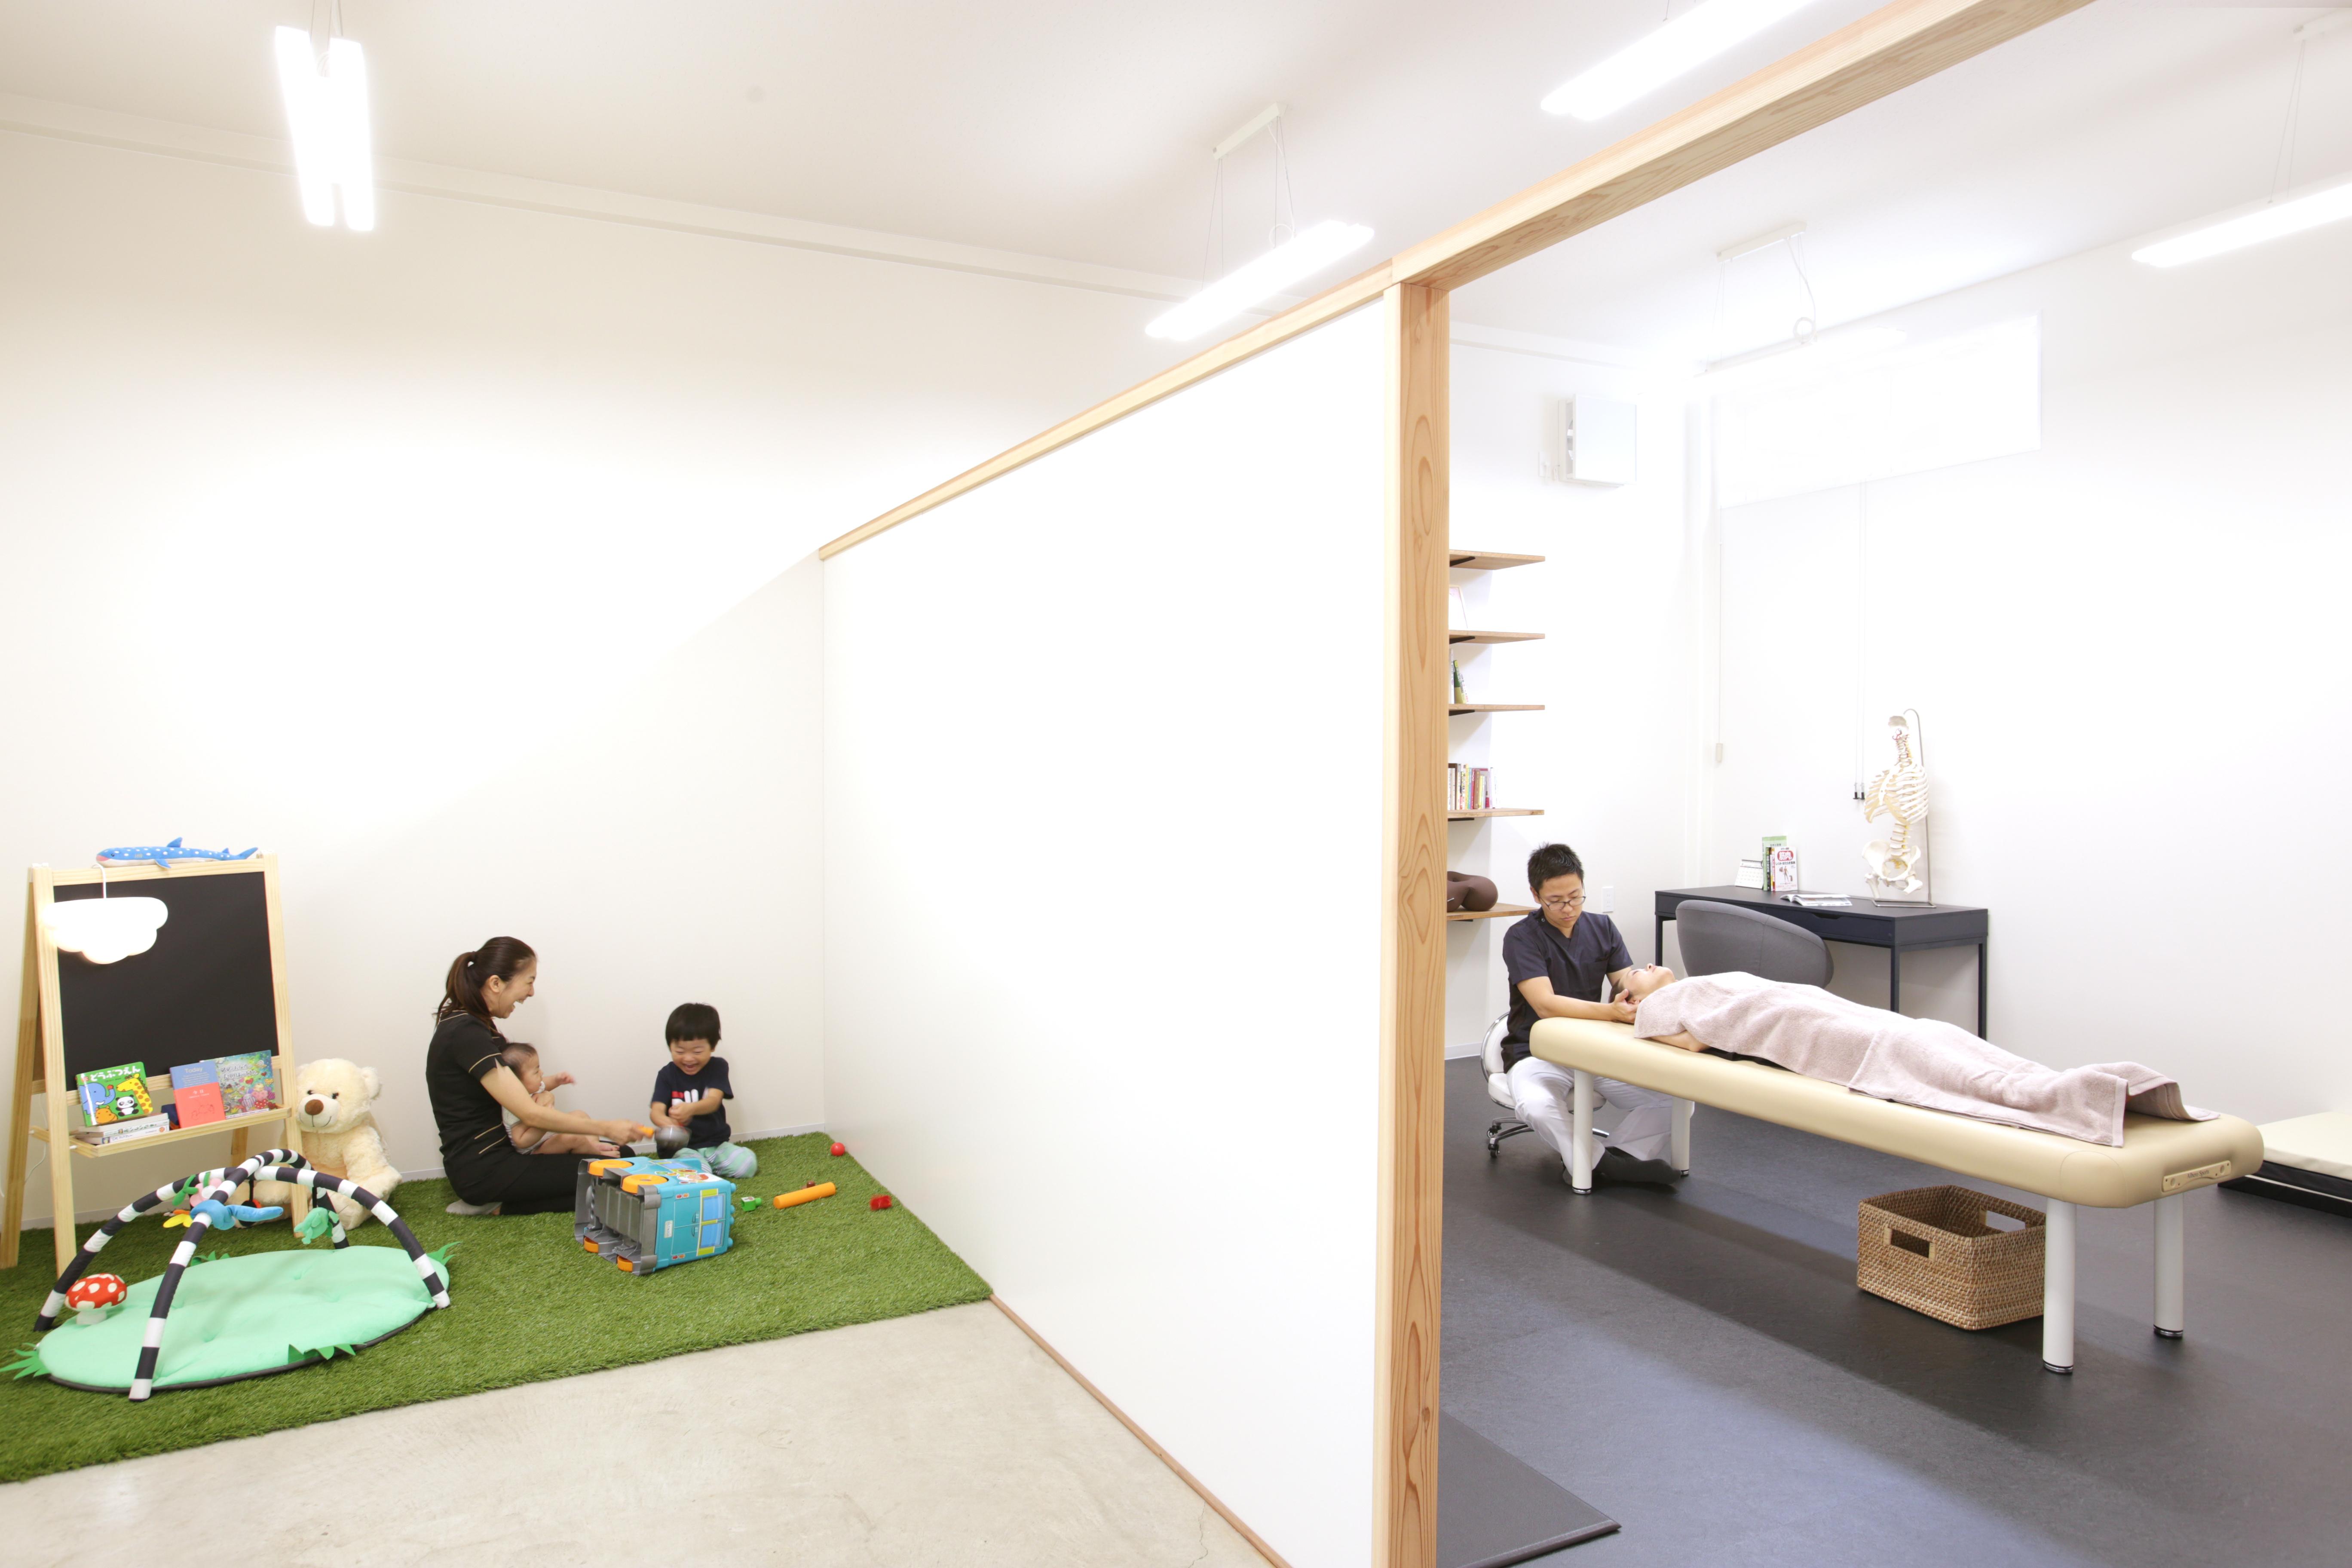 福岡市西区姪浜で産後骨盤矯正をゆっくりお受け頂ける空間を提供しています。